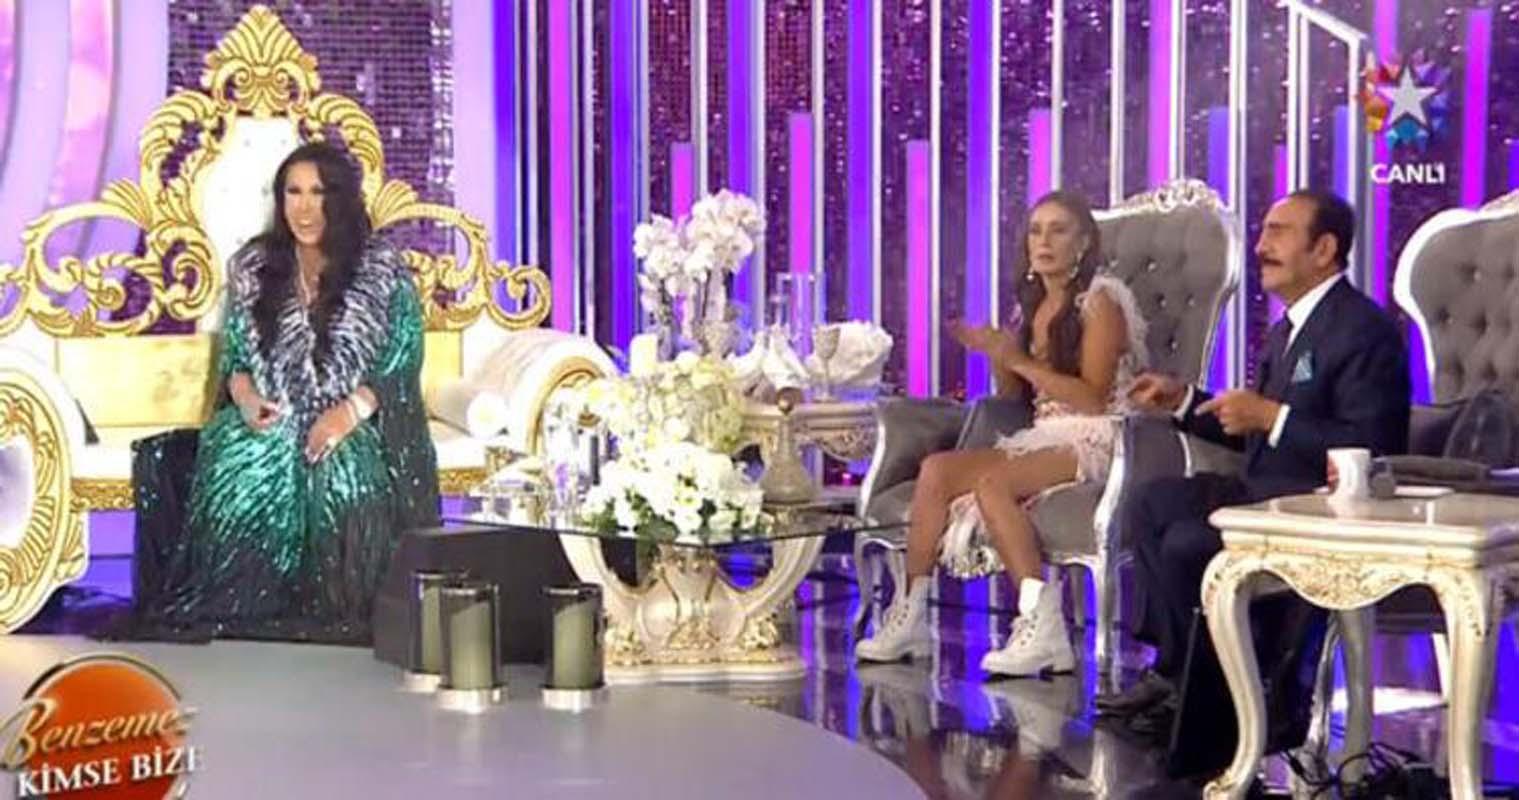 Diva, Benzemez Kimse Bize'nin canlı yayınına alkollü mü çıktı? Bülent Ersoy'un açıklaması dikkat çekti!